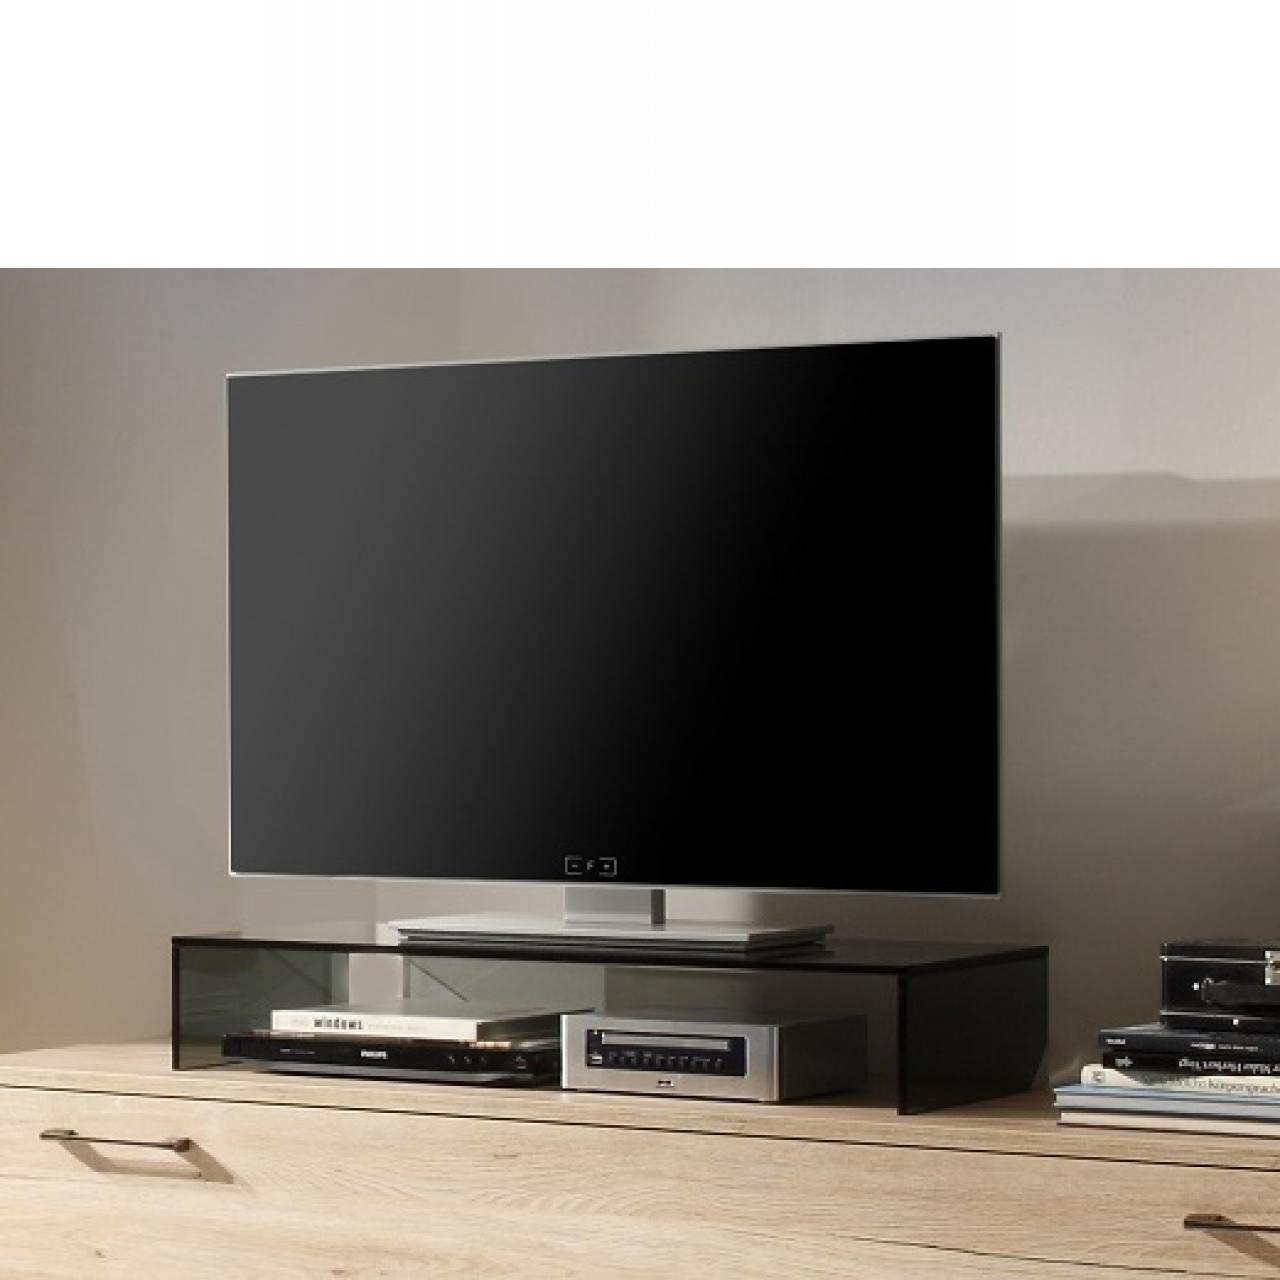 TV Aufsatz Go